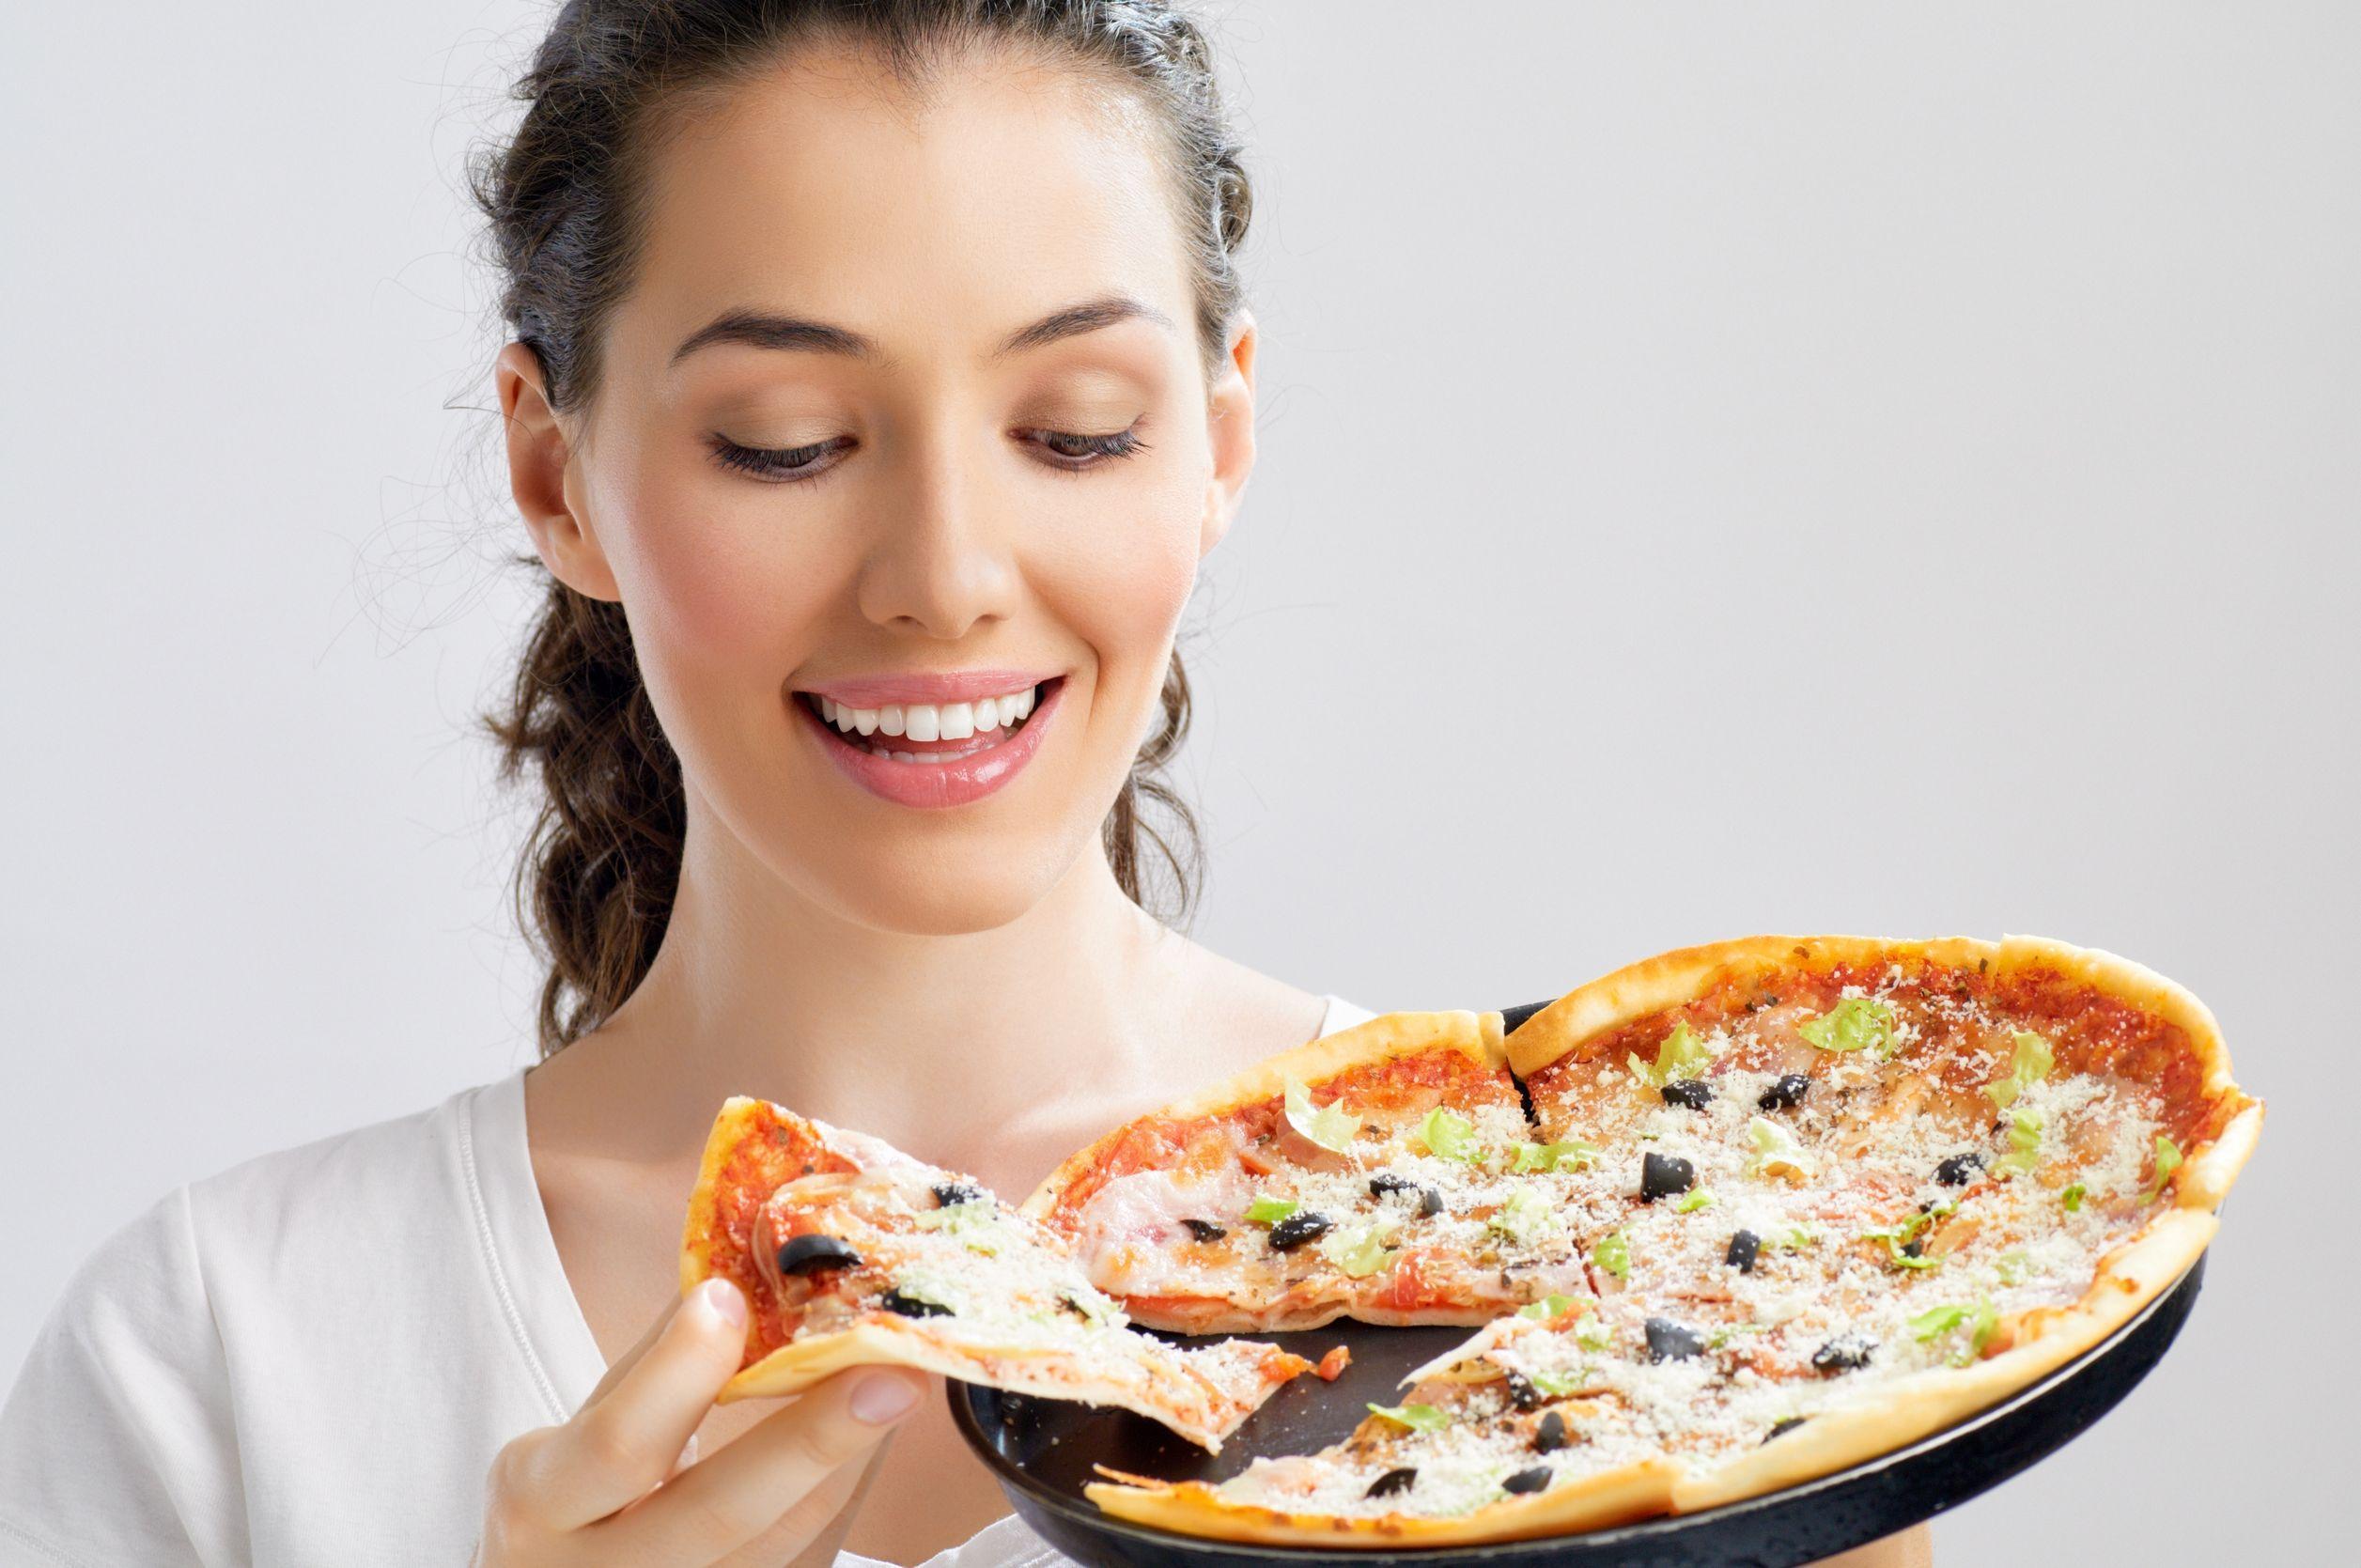 Заказать пиццу можно по телефону, через сайт или приложение